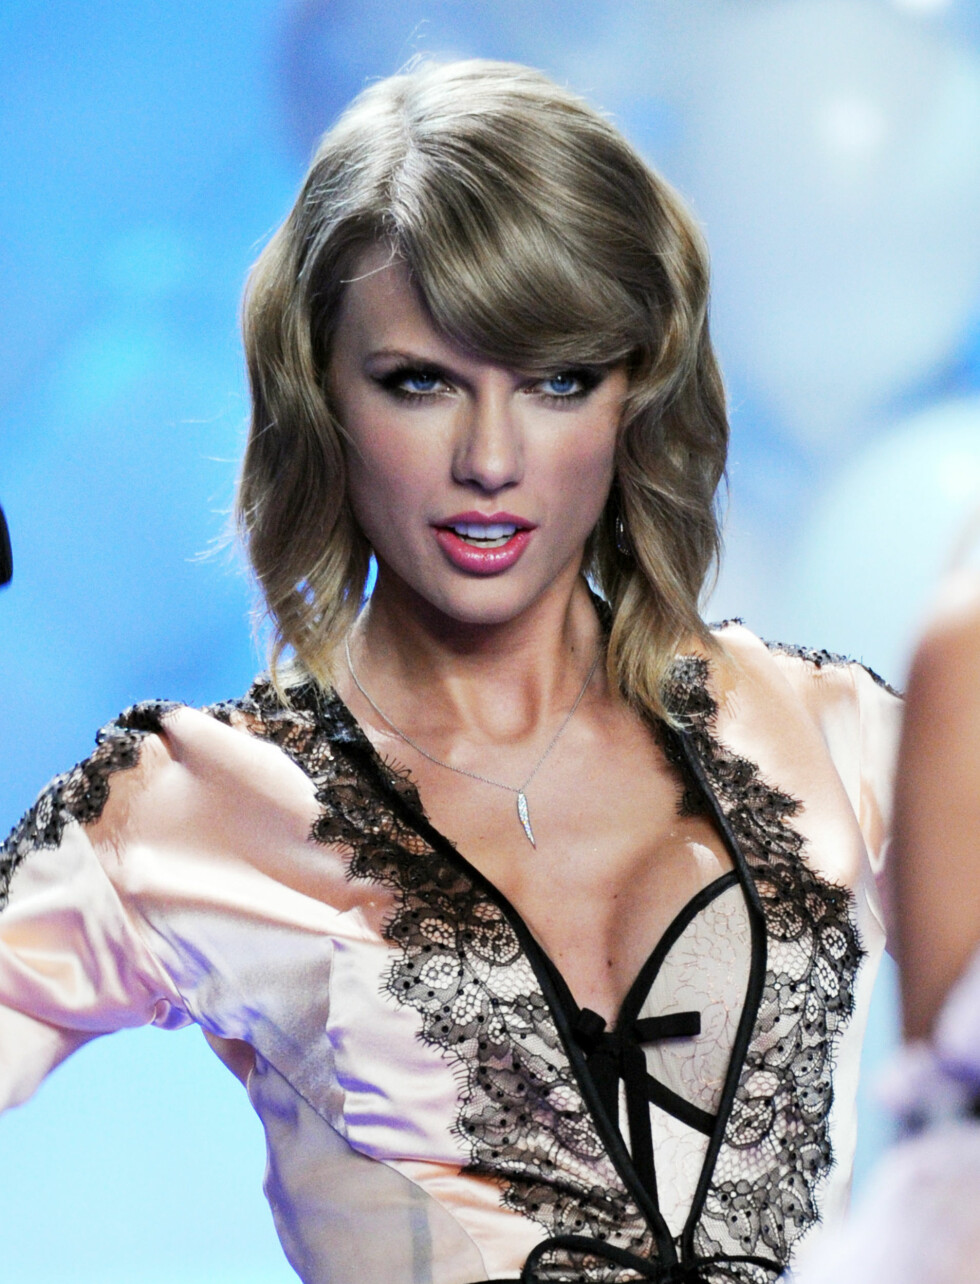 SENSUELL: Taylor Swift med push up-korsett og sexy blikk på catwalken. Foto: Stella Pictures